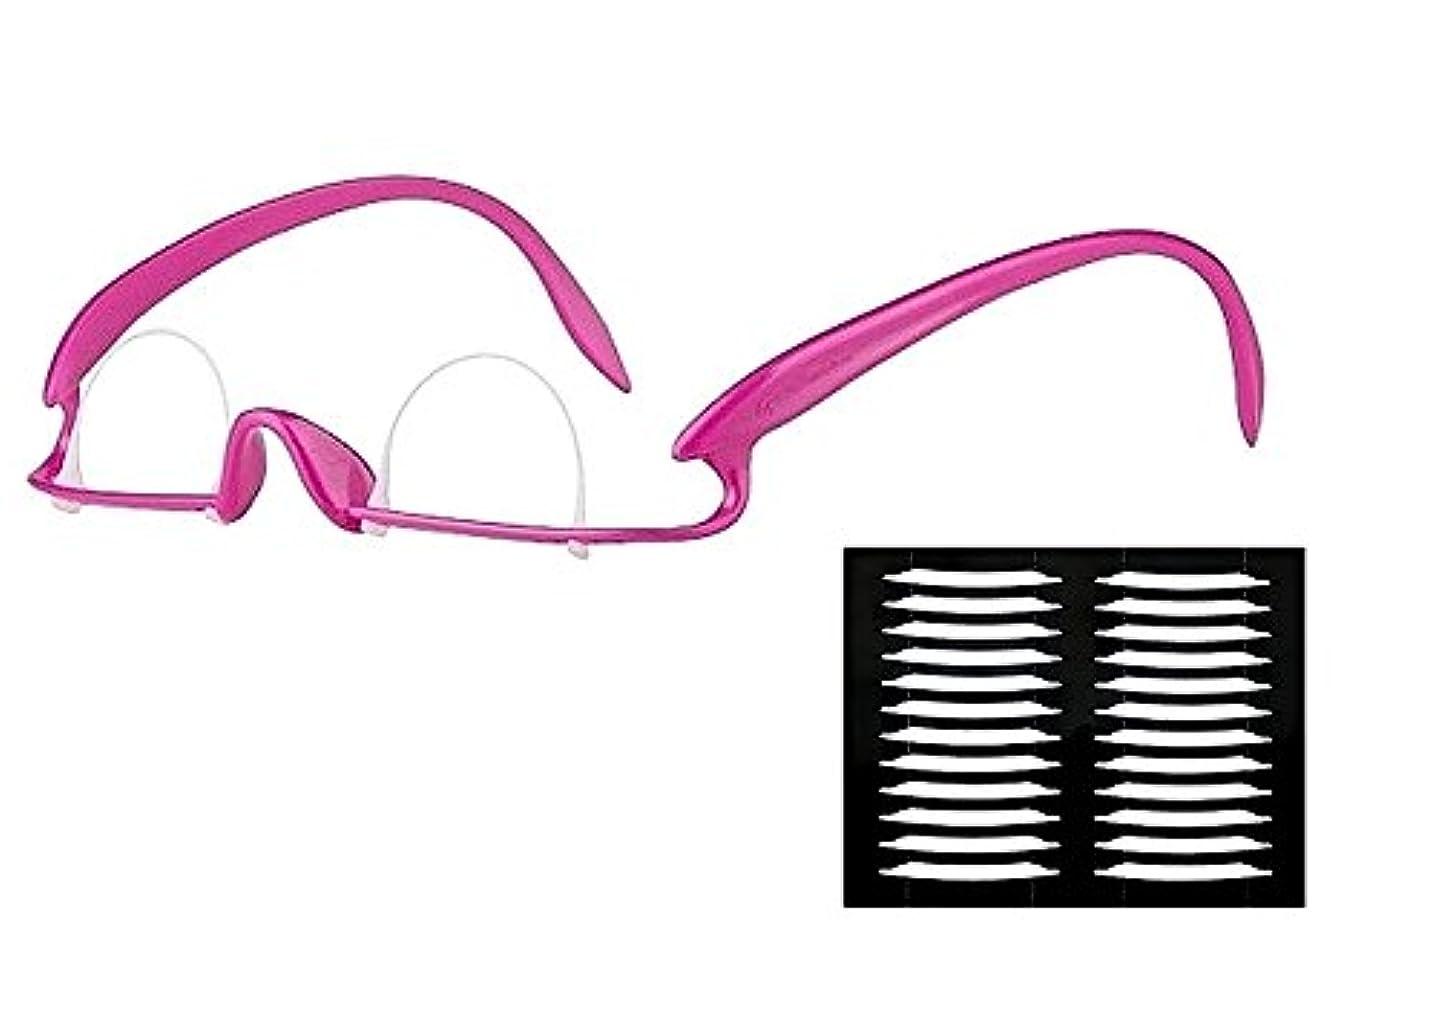 ゴミ箱額細分化する【ノーブランド品】二重まぶた 形成器 ふたえ矯正 簡単 美しいアイラインをつくれます